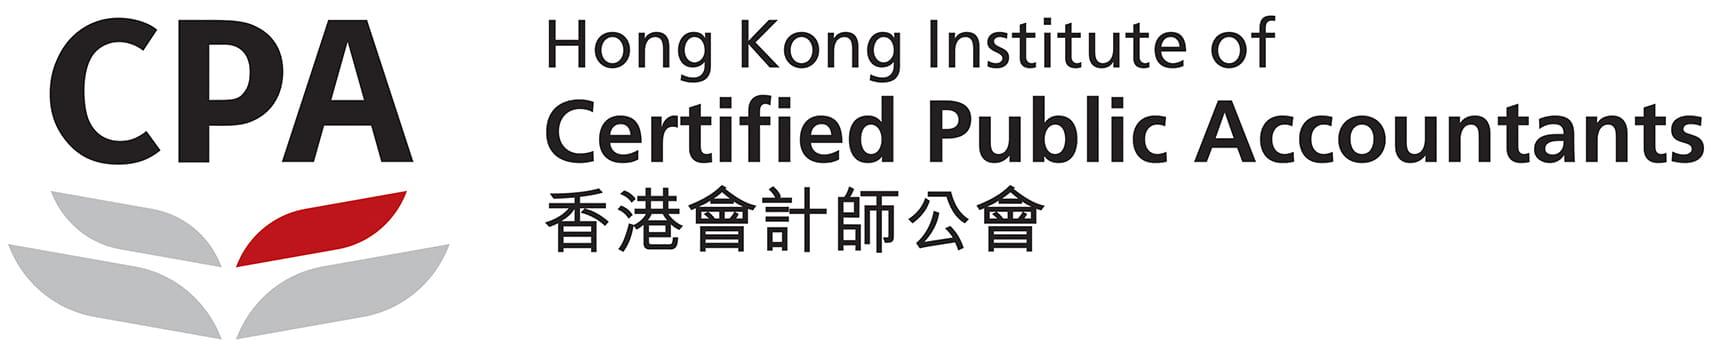 HKICPA logo